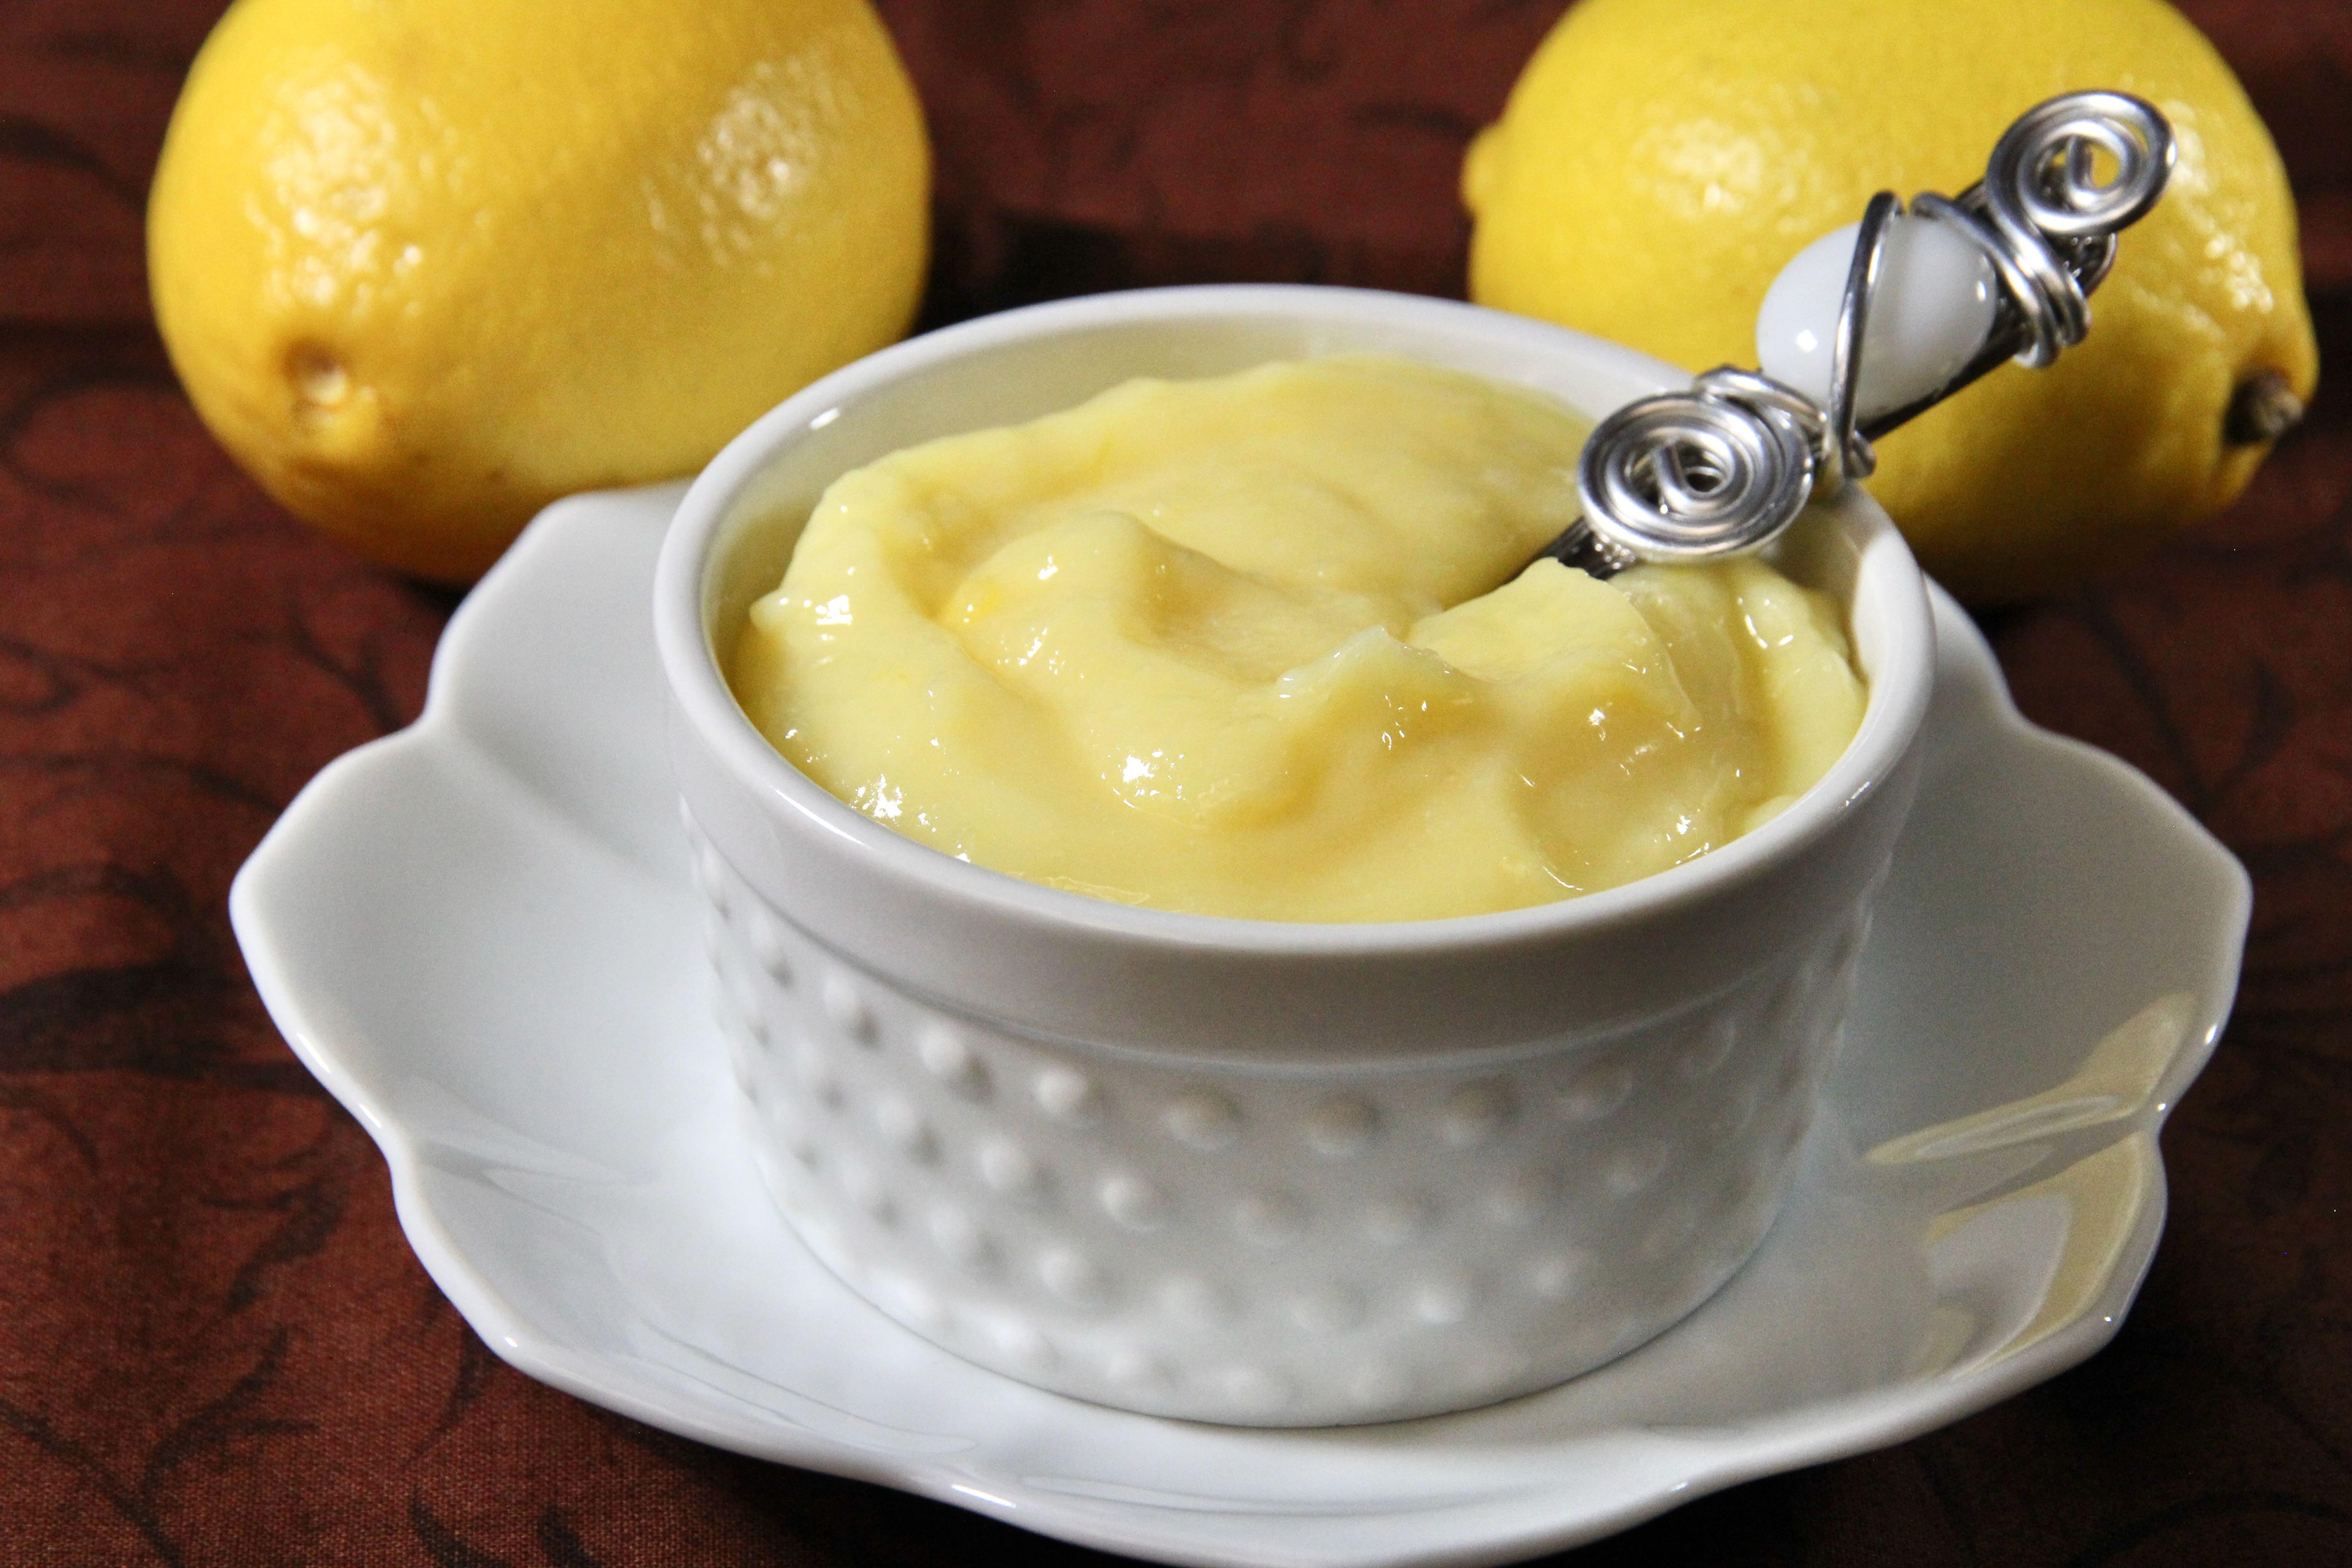 Chef John's Lighter Lemon Curd